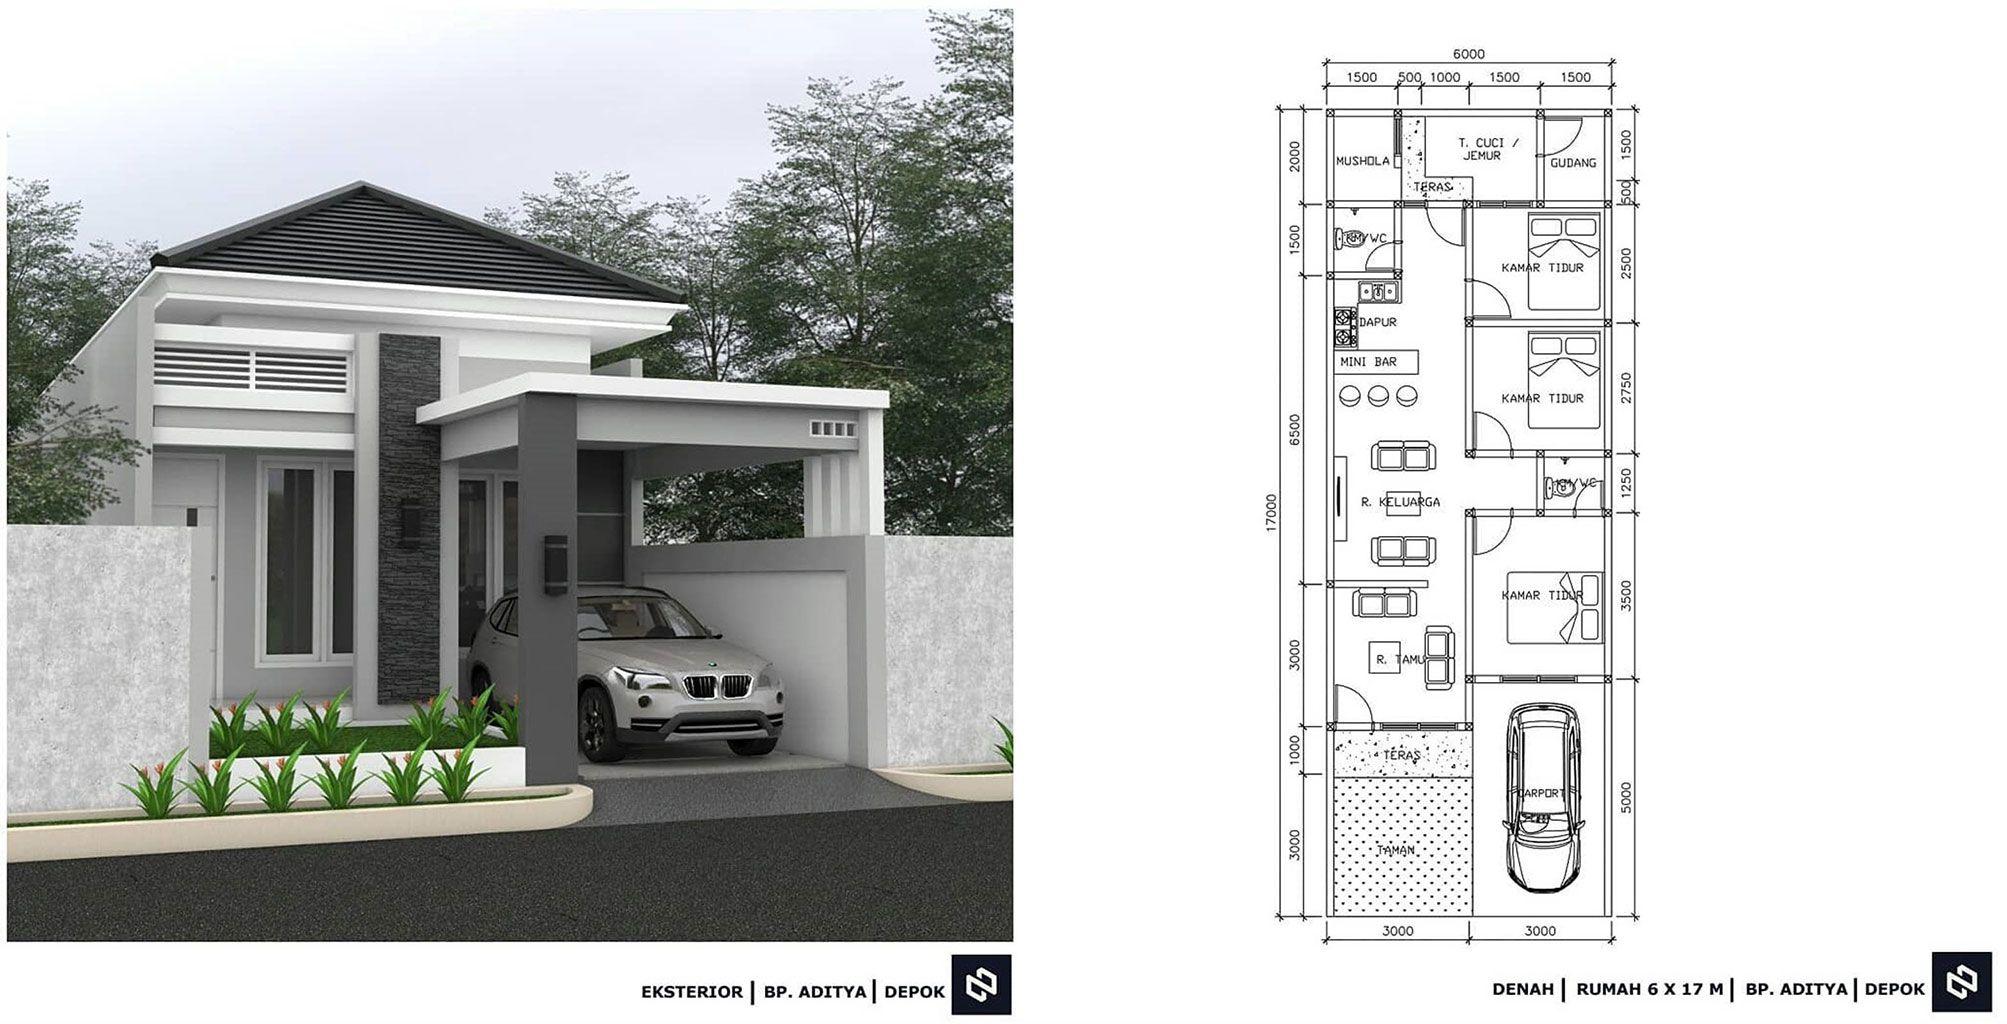 Desain Rumah Minimalis 3 Kamar Tidur Dan Mushola Cek Bahan Bangunan